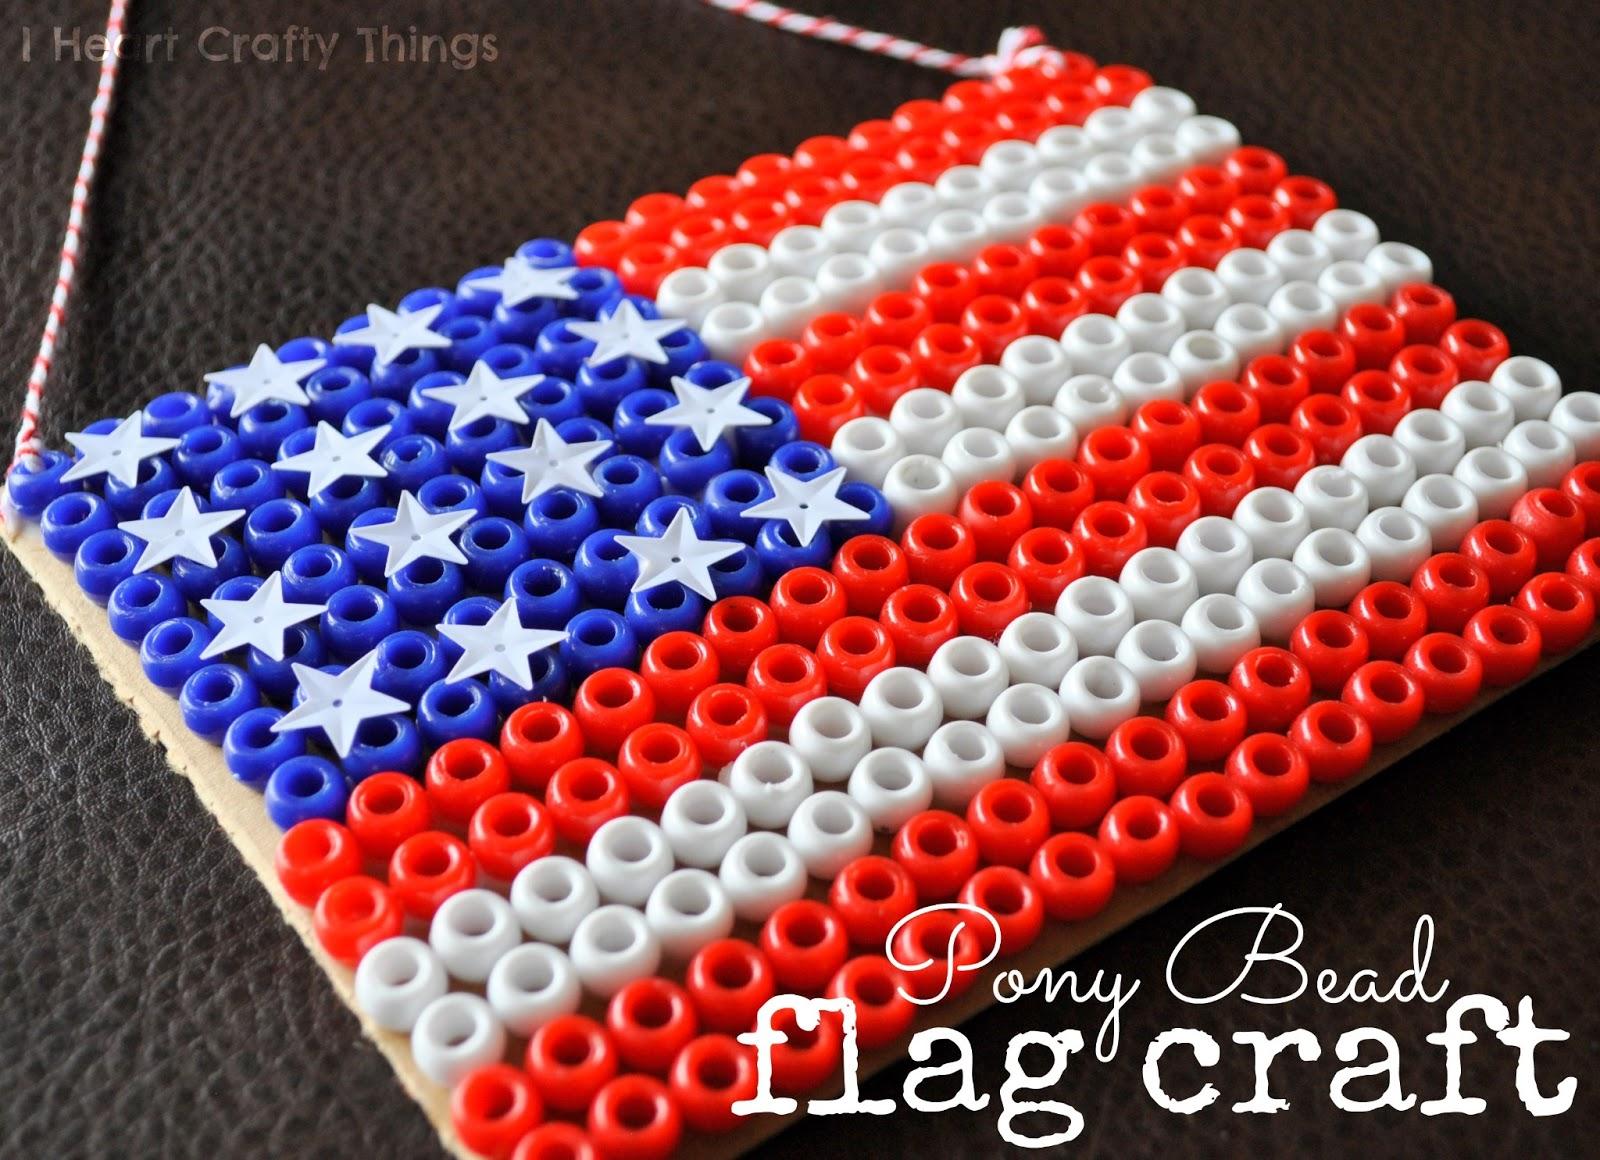 Pony Bead Flag Craft I Heart Crafty Things